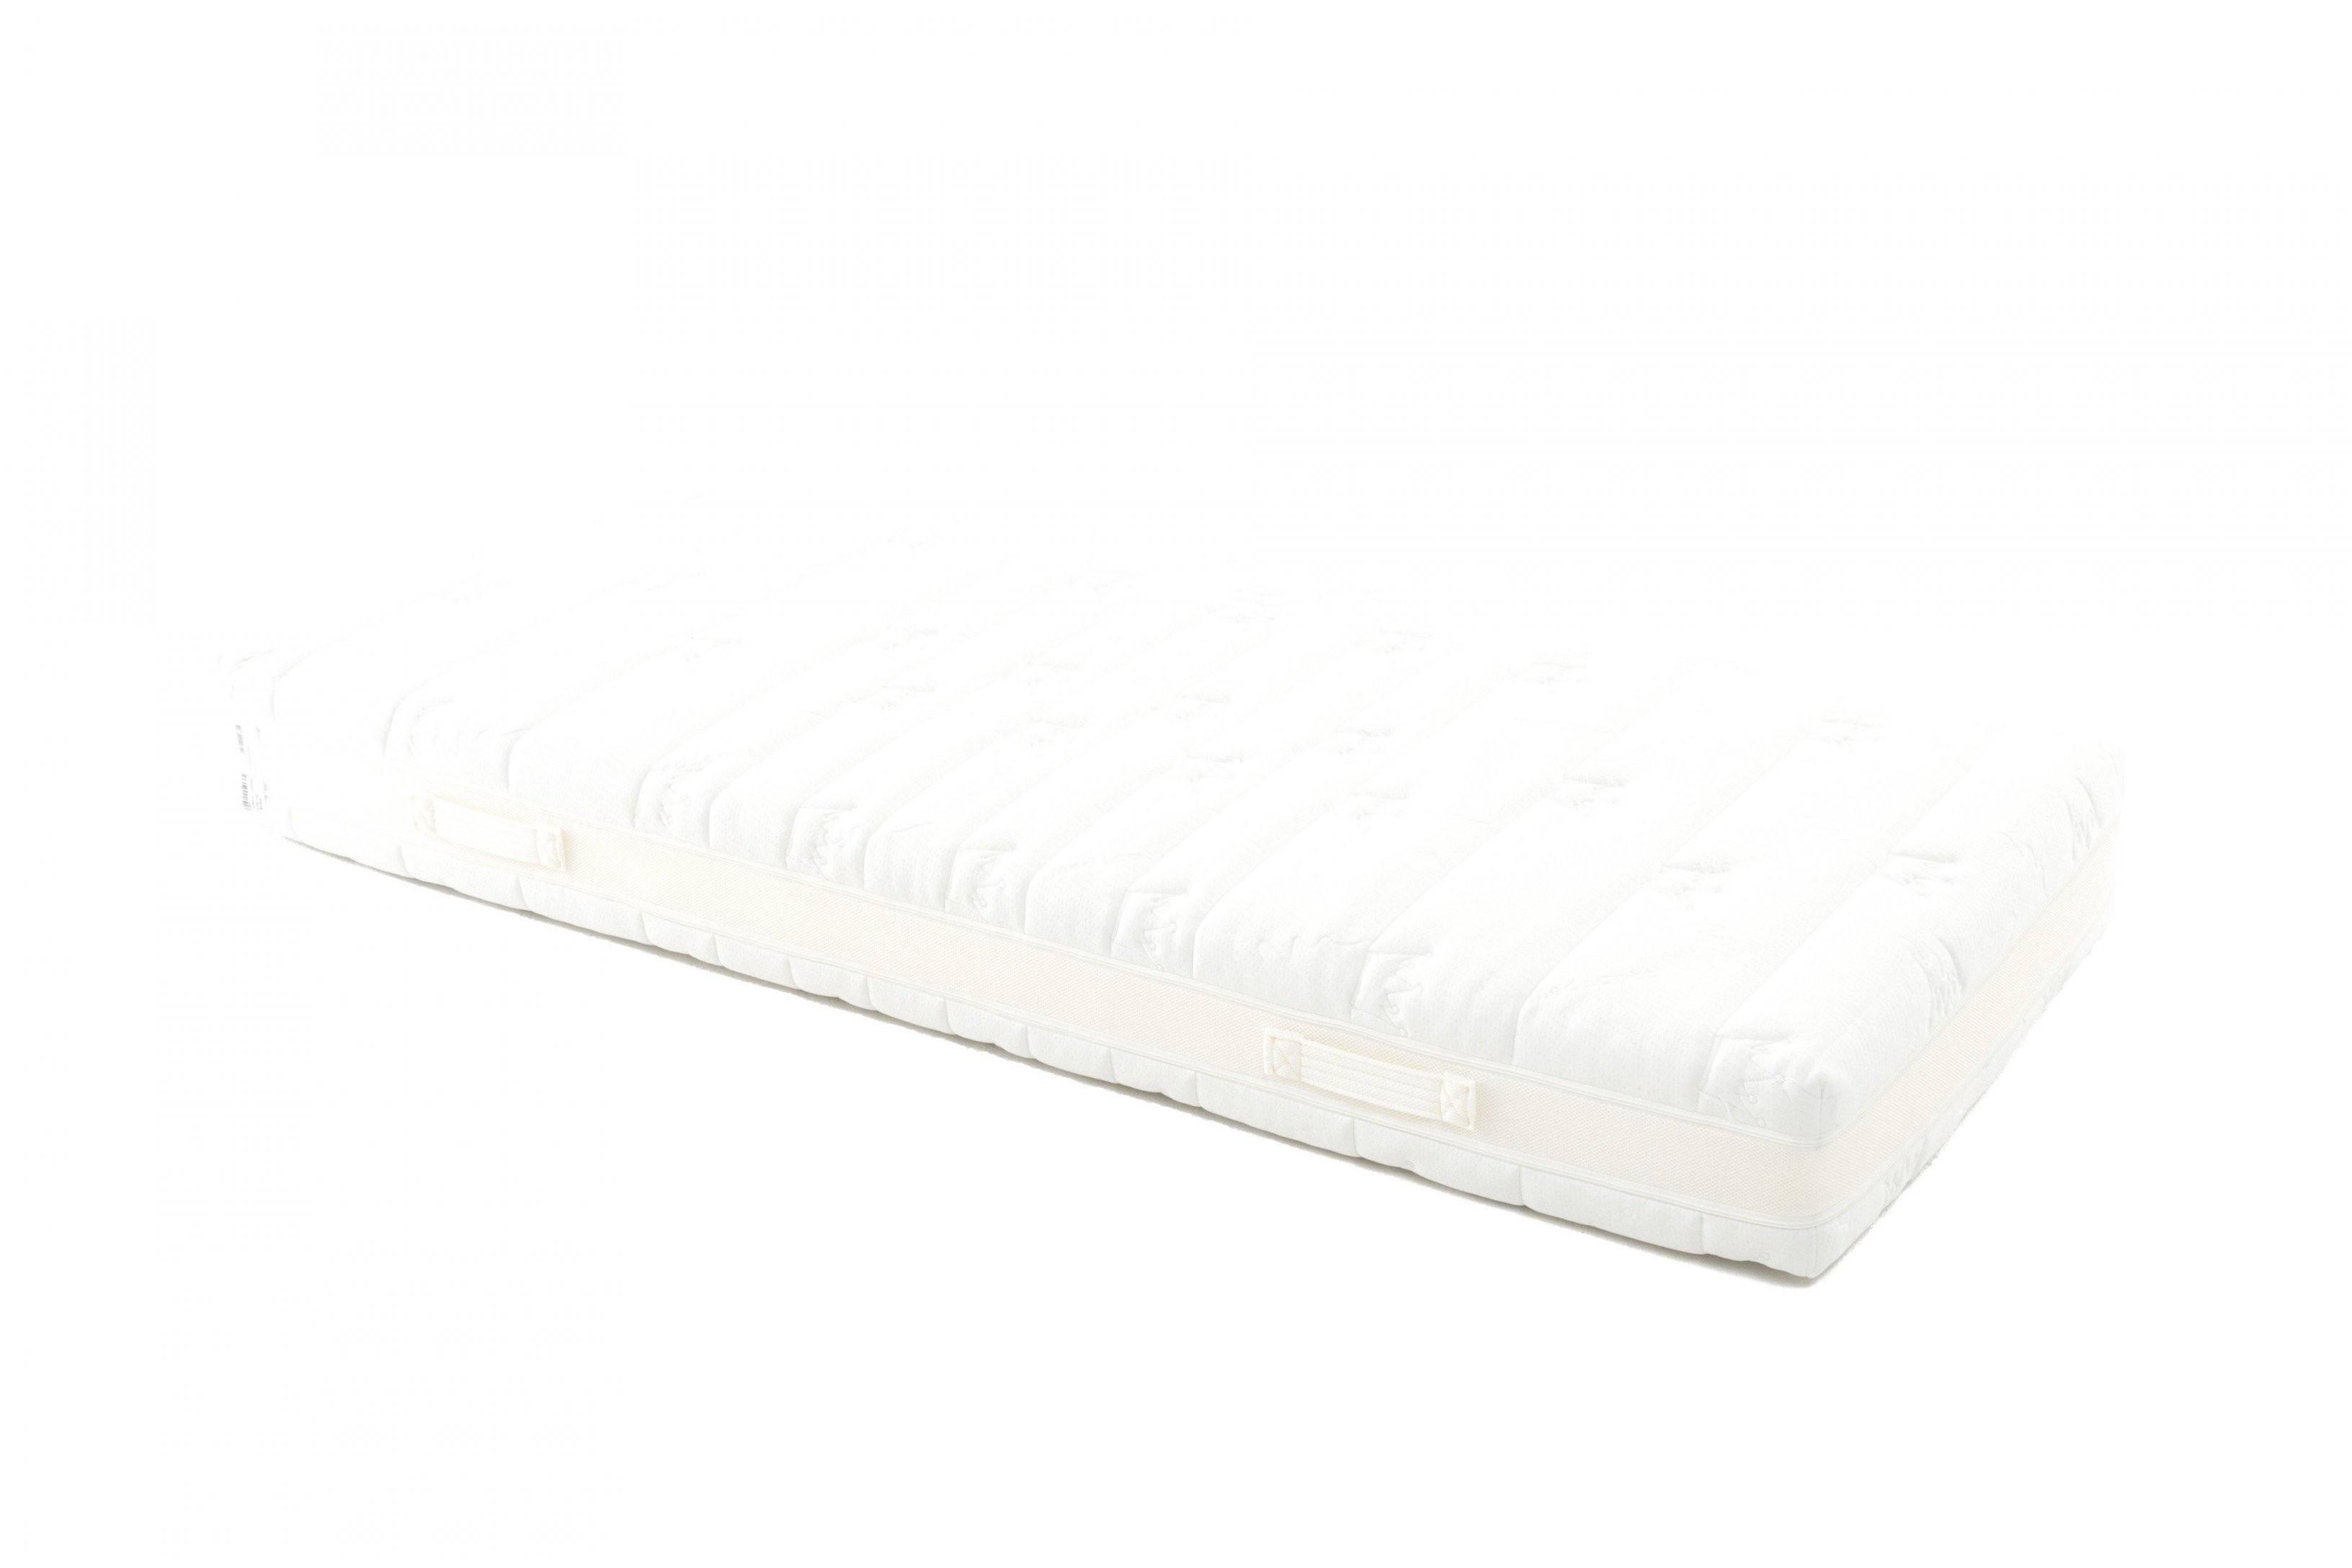 Unvergesslich Wozu Dient Ein Matratzen Topper  Huambodigital von Wozu Dient Ein Matratzen Topper Bild